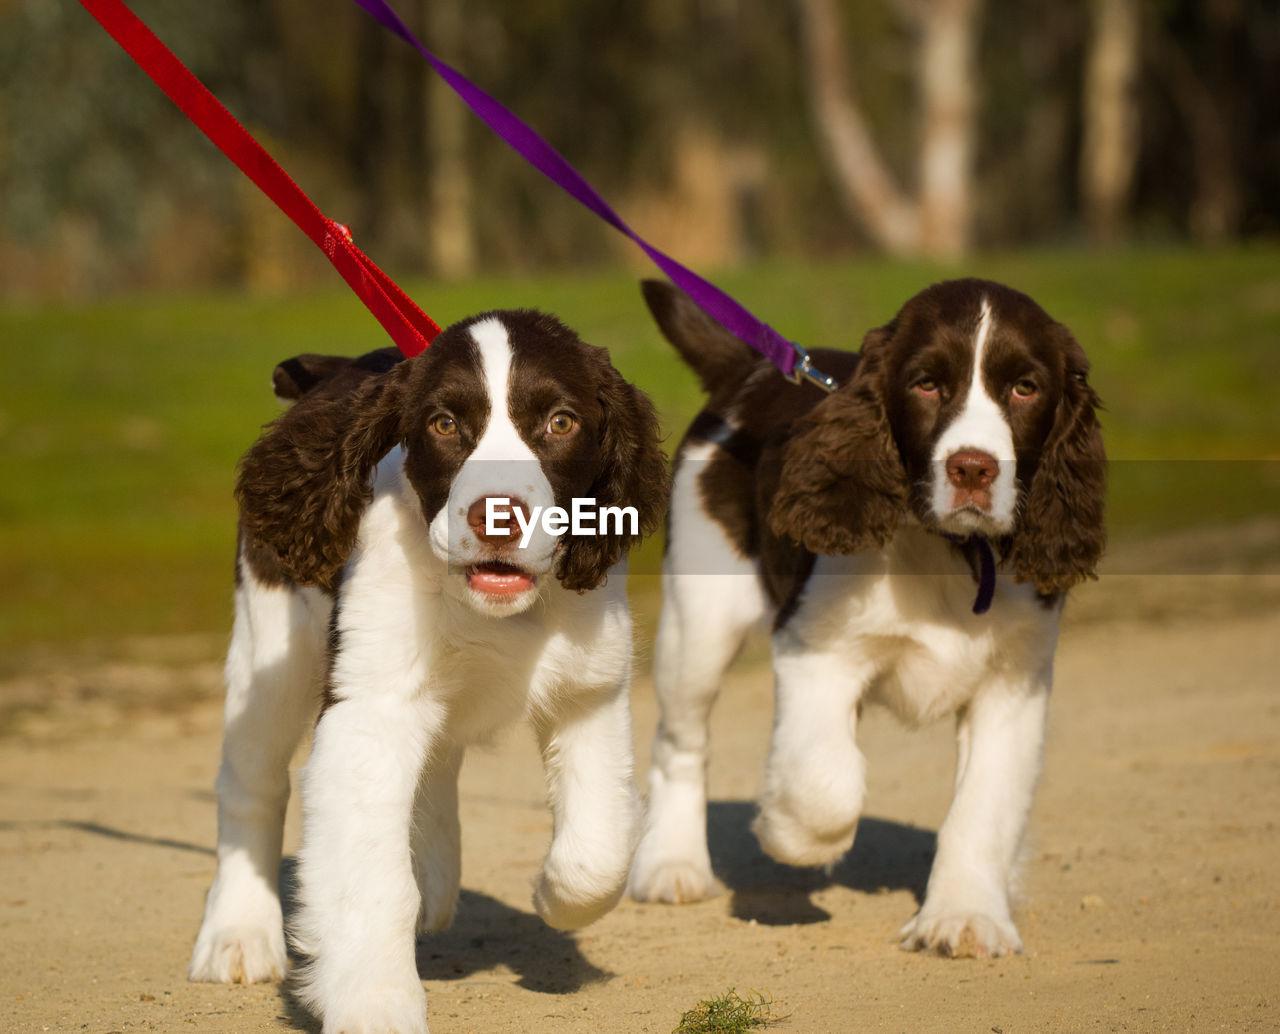 Portrait Of Dogs Walking On Field